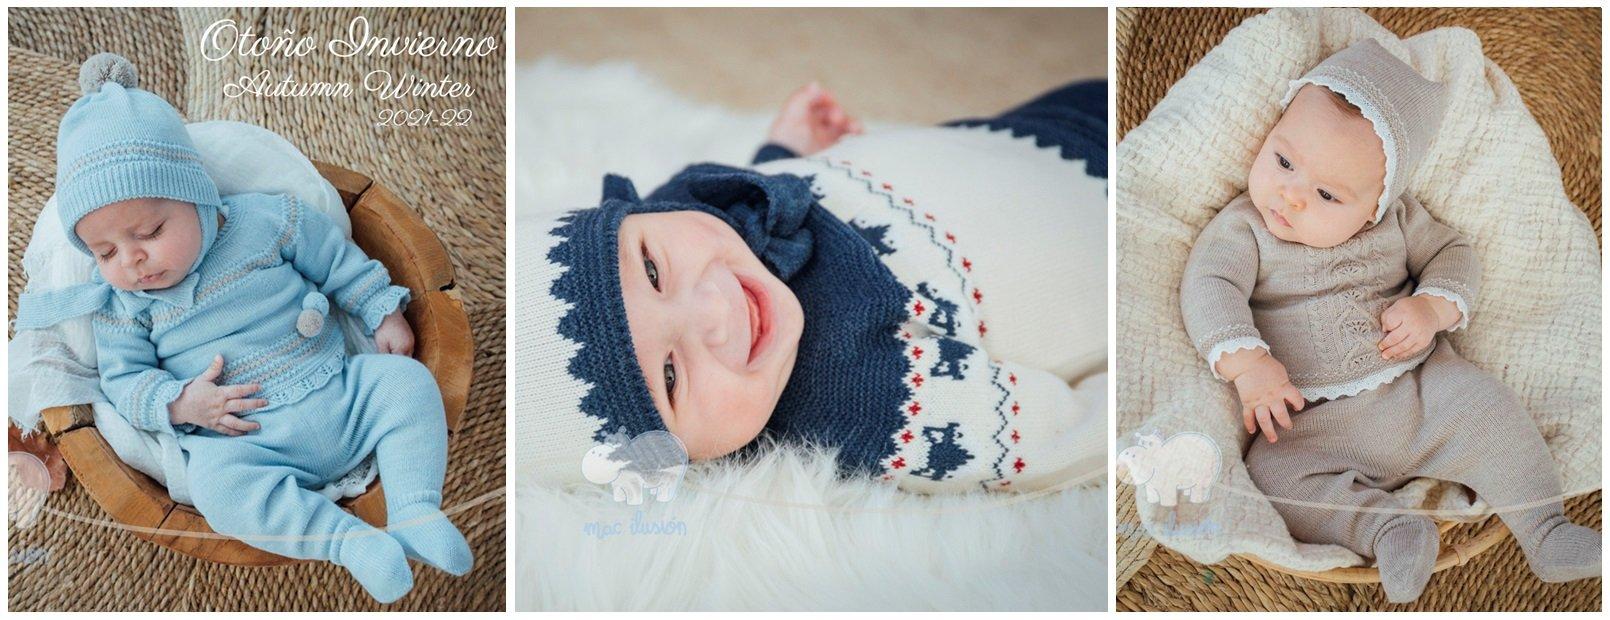 Mac Ilusión - Comprar Ropa para bebé recién nacido